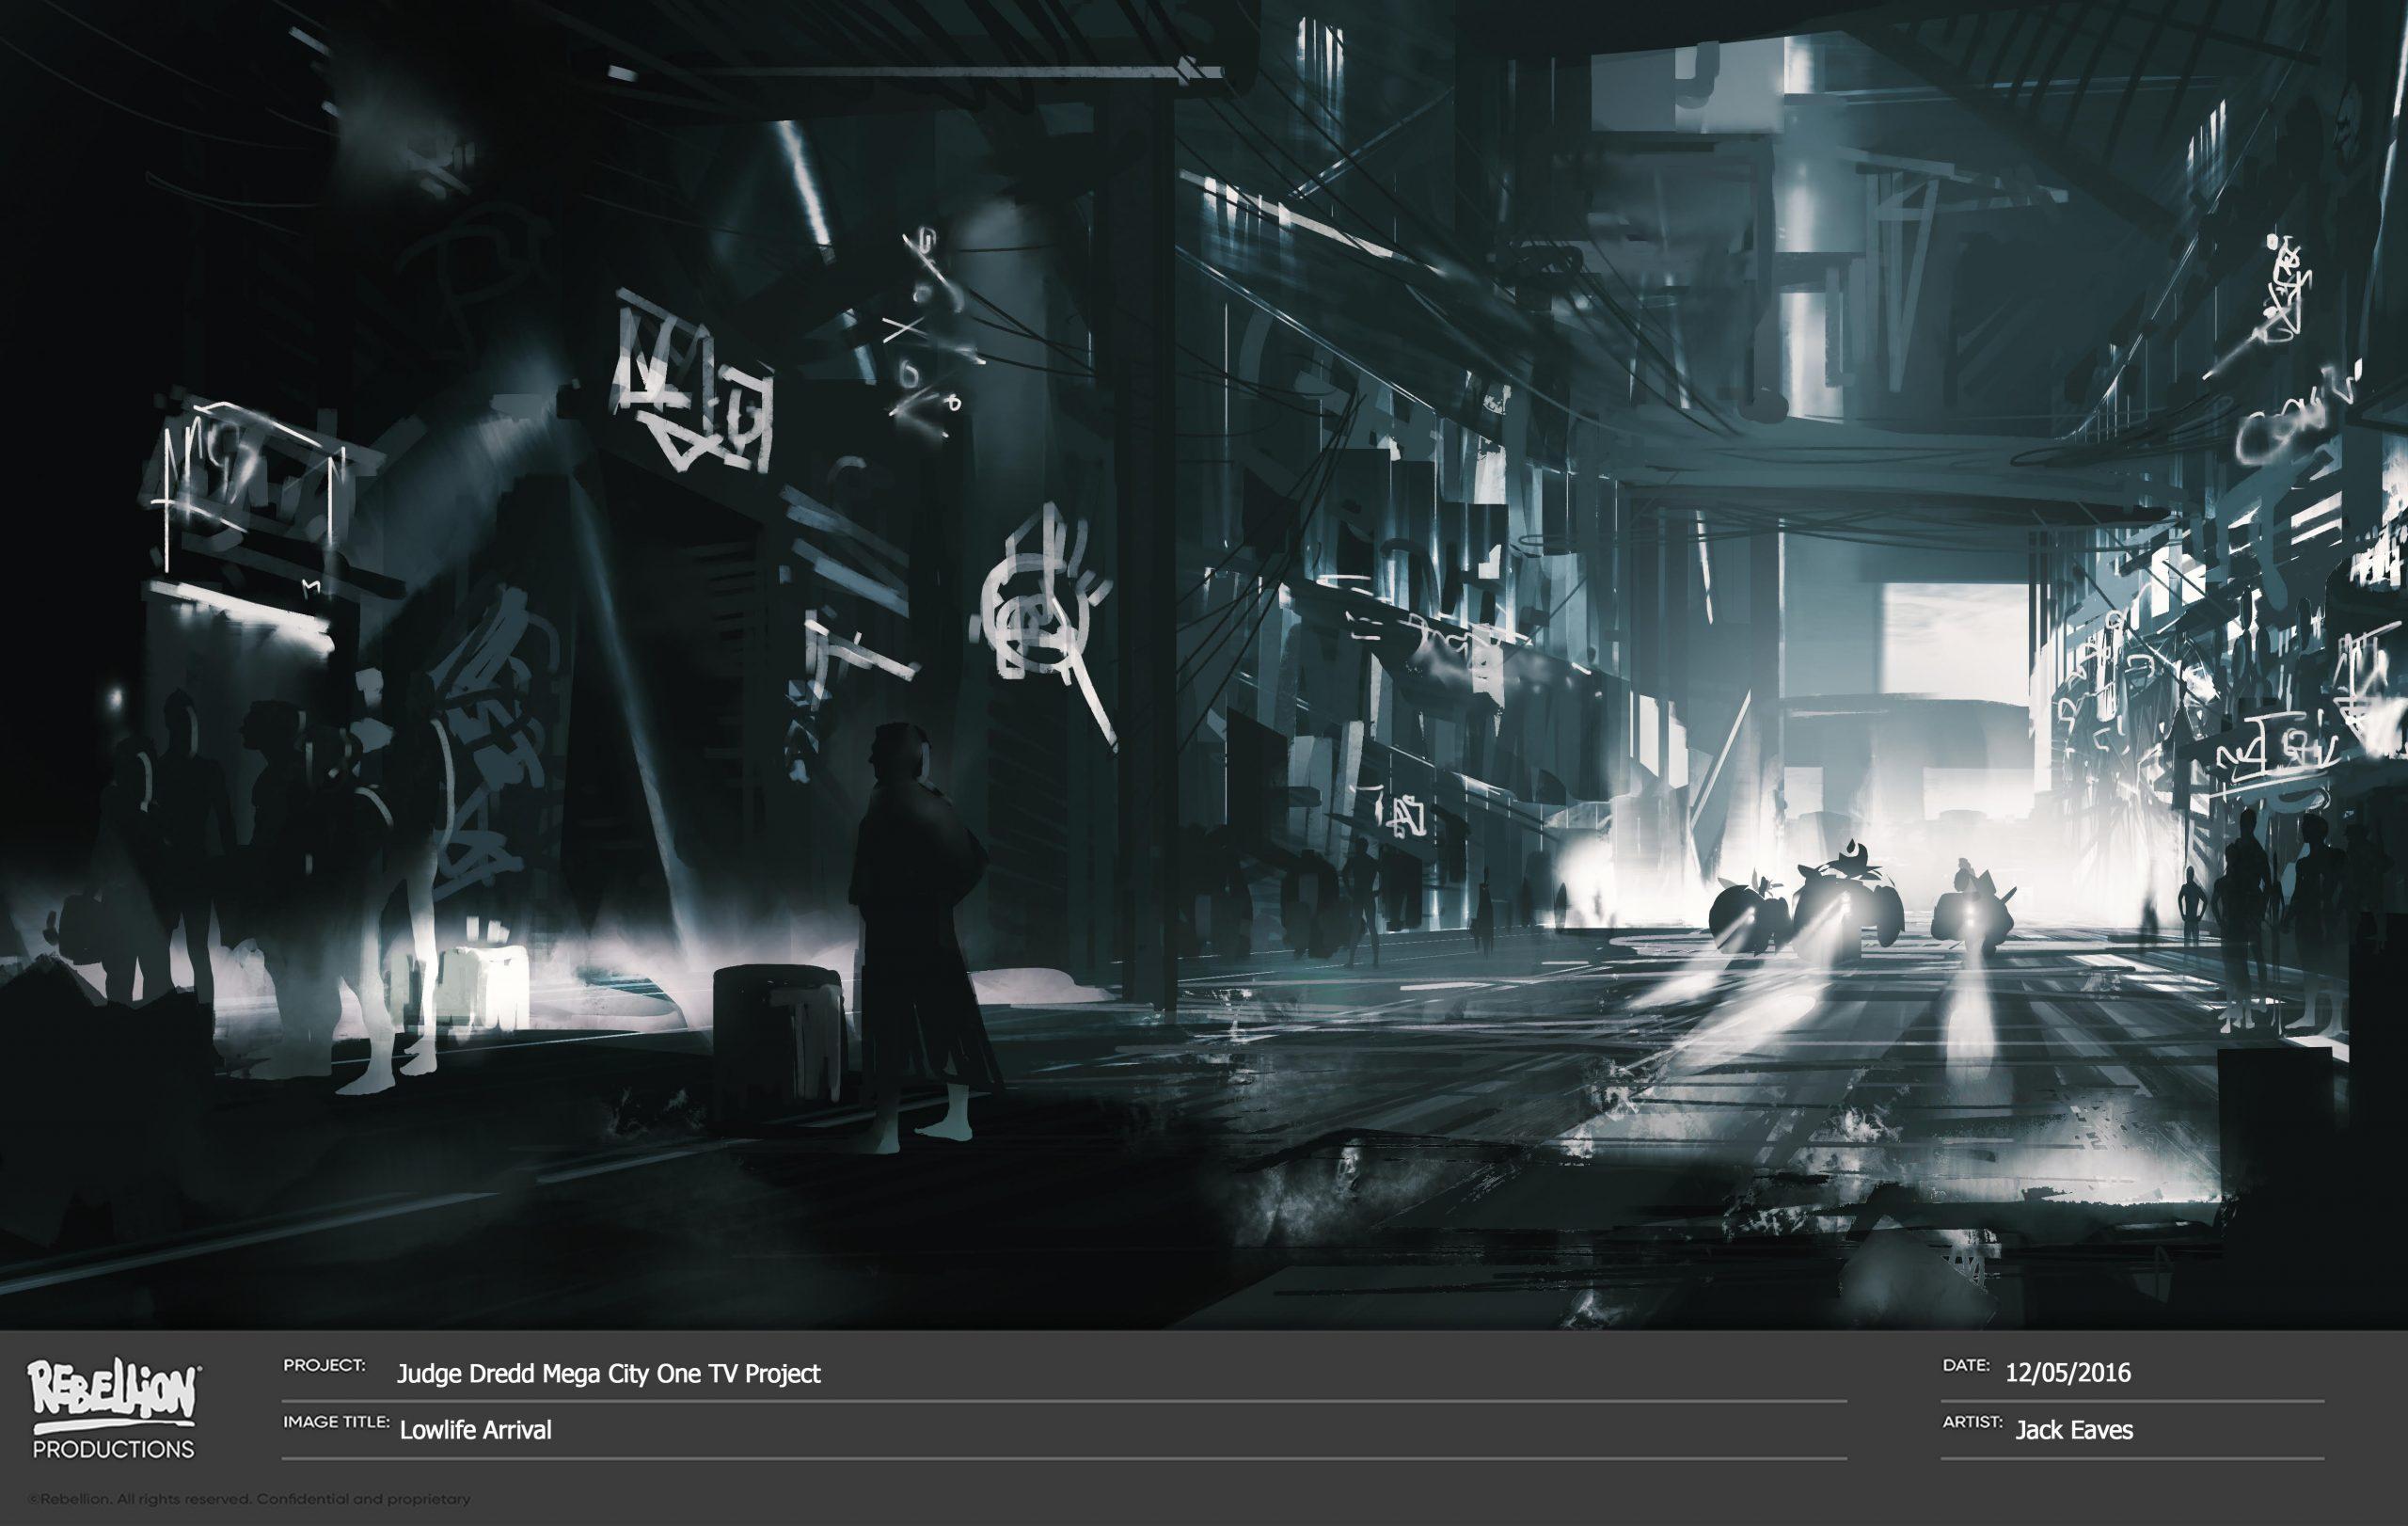 судья дредд мега-сити‑1 концепт-арт «Прибытие в трущобы»